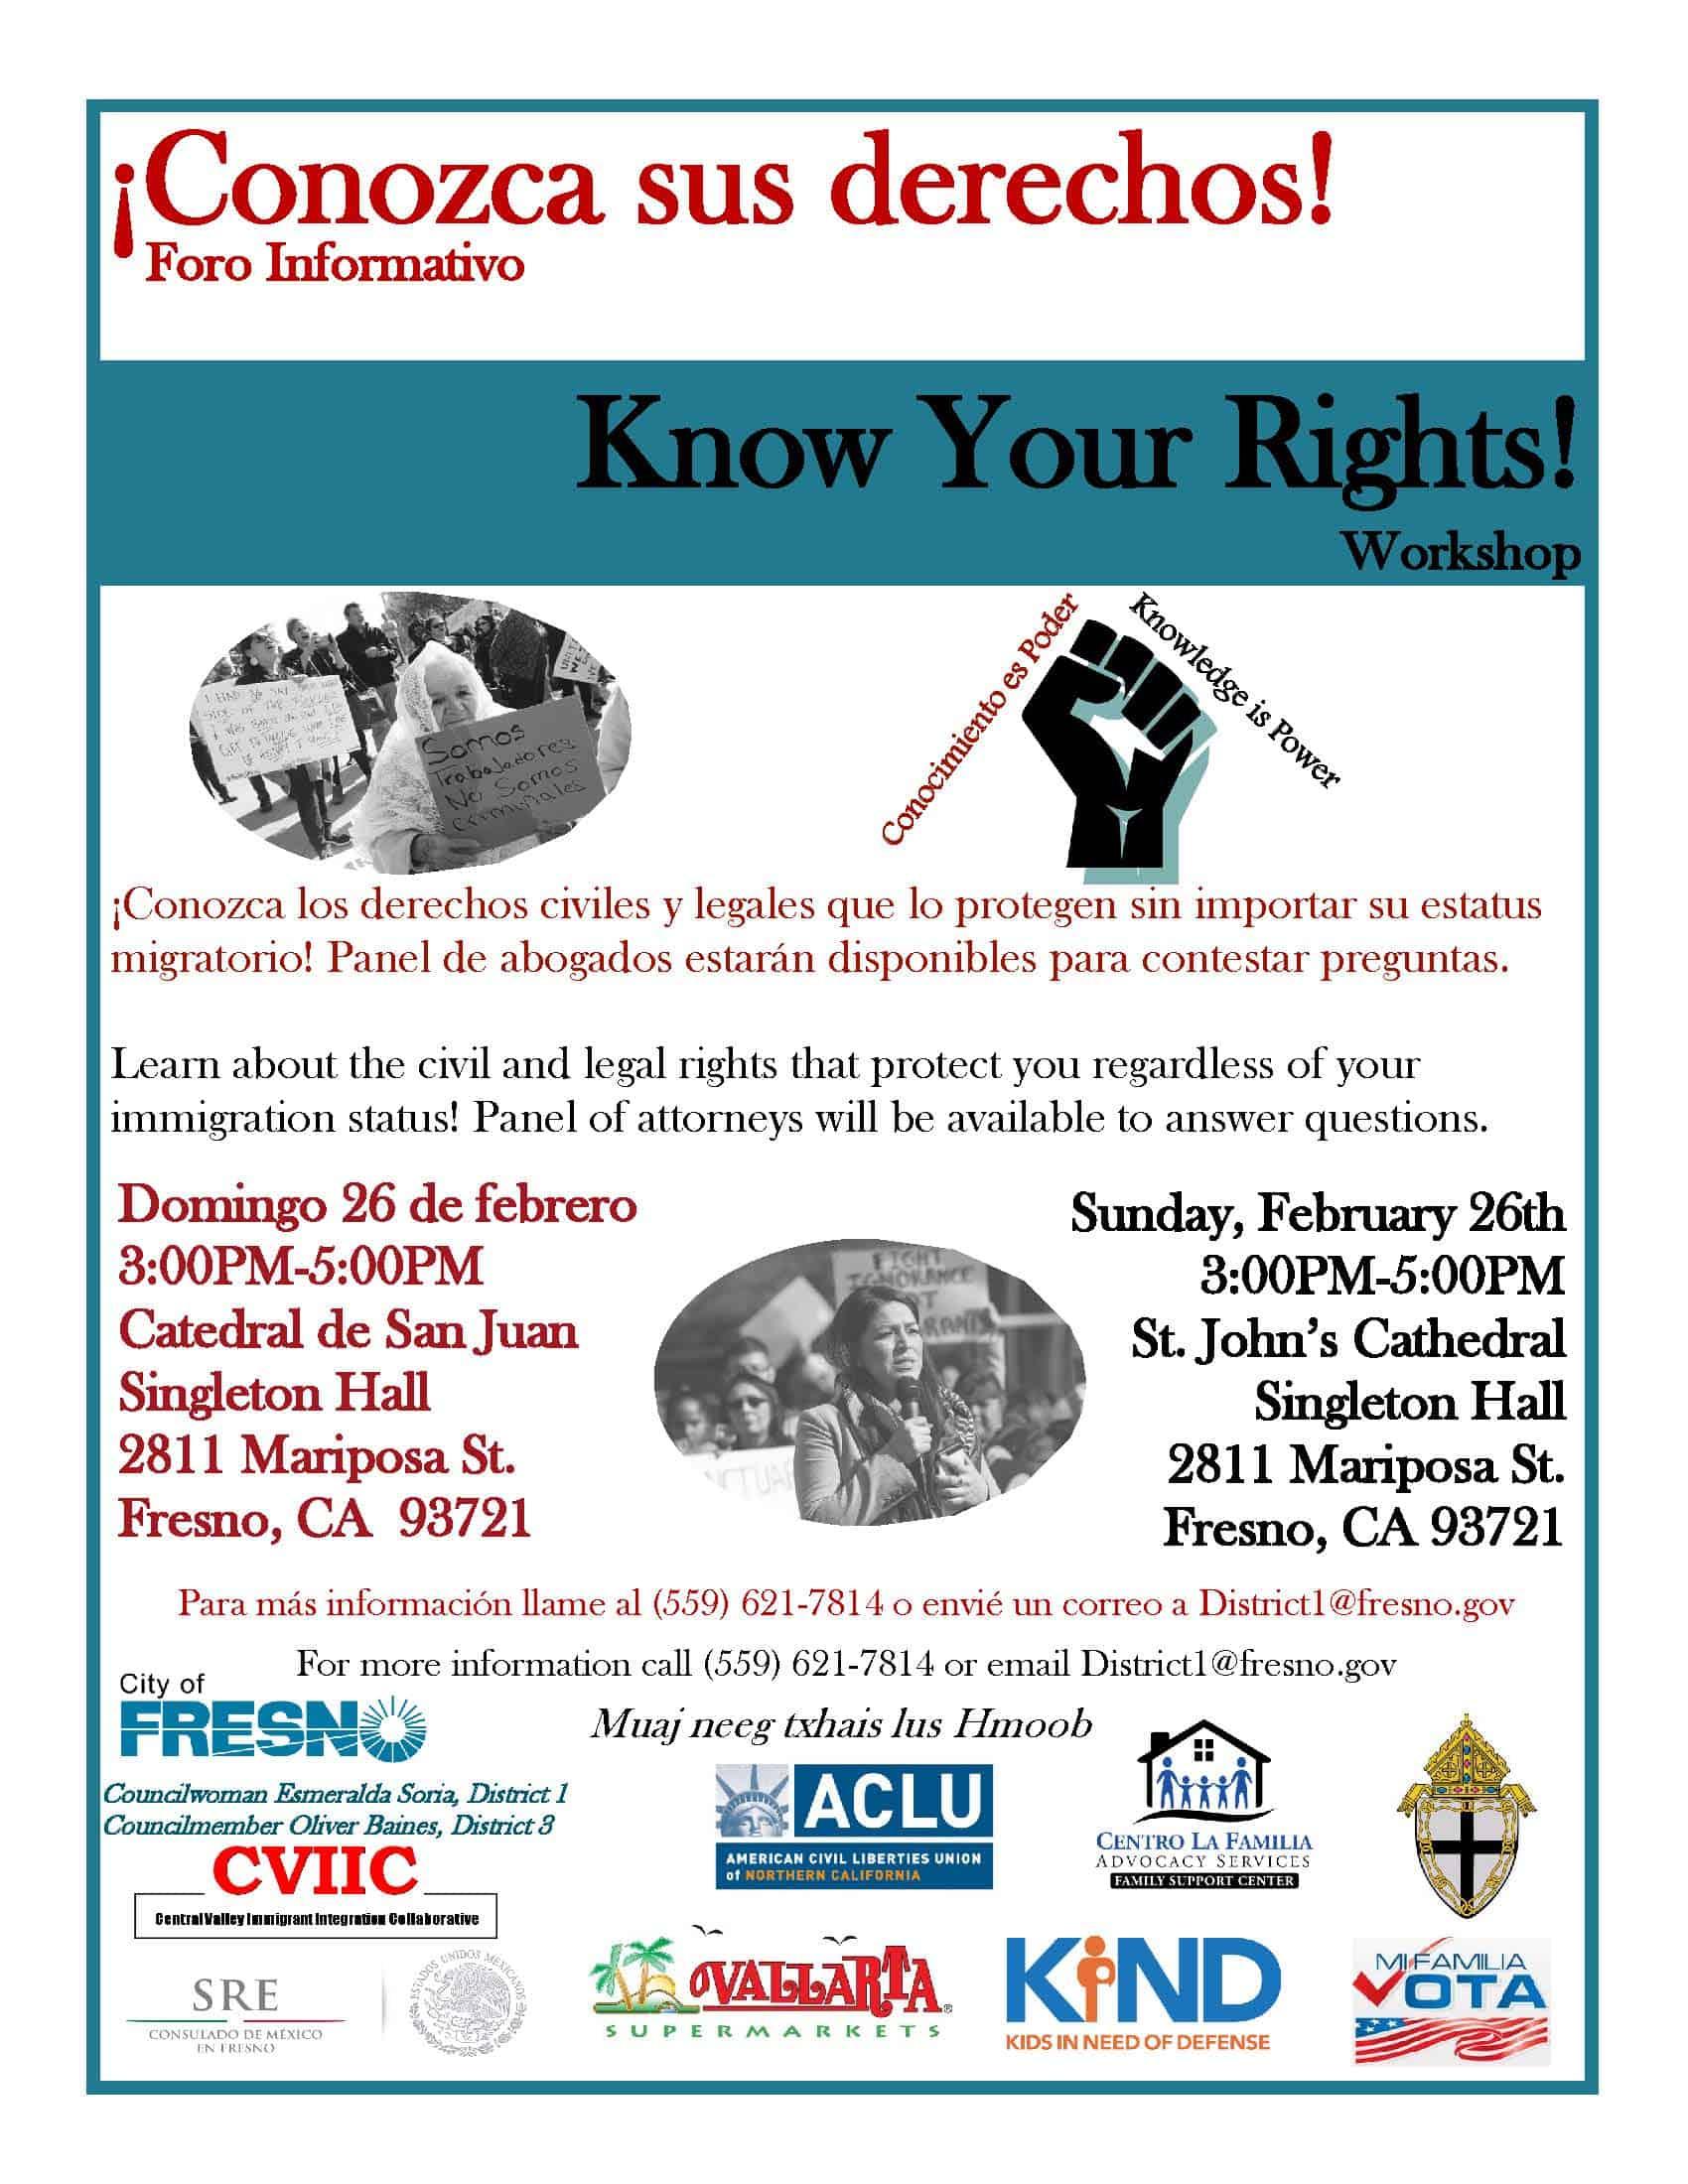 Foro Informativo en Fresno Sobre Derechos de Inmigrantes 26 Febrero 2017 Catedral de San Juan